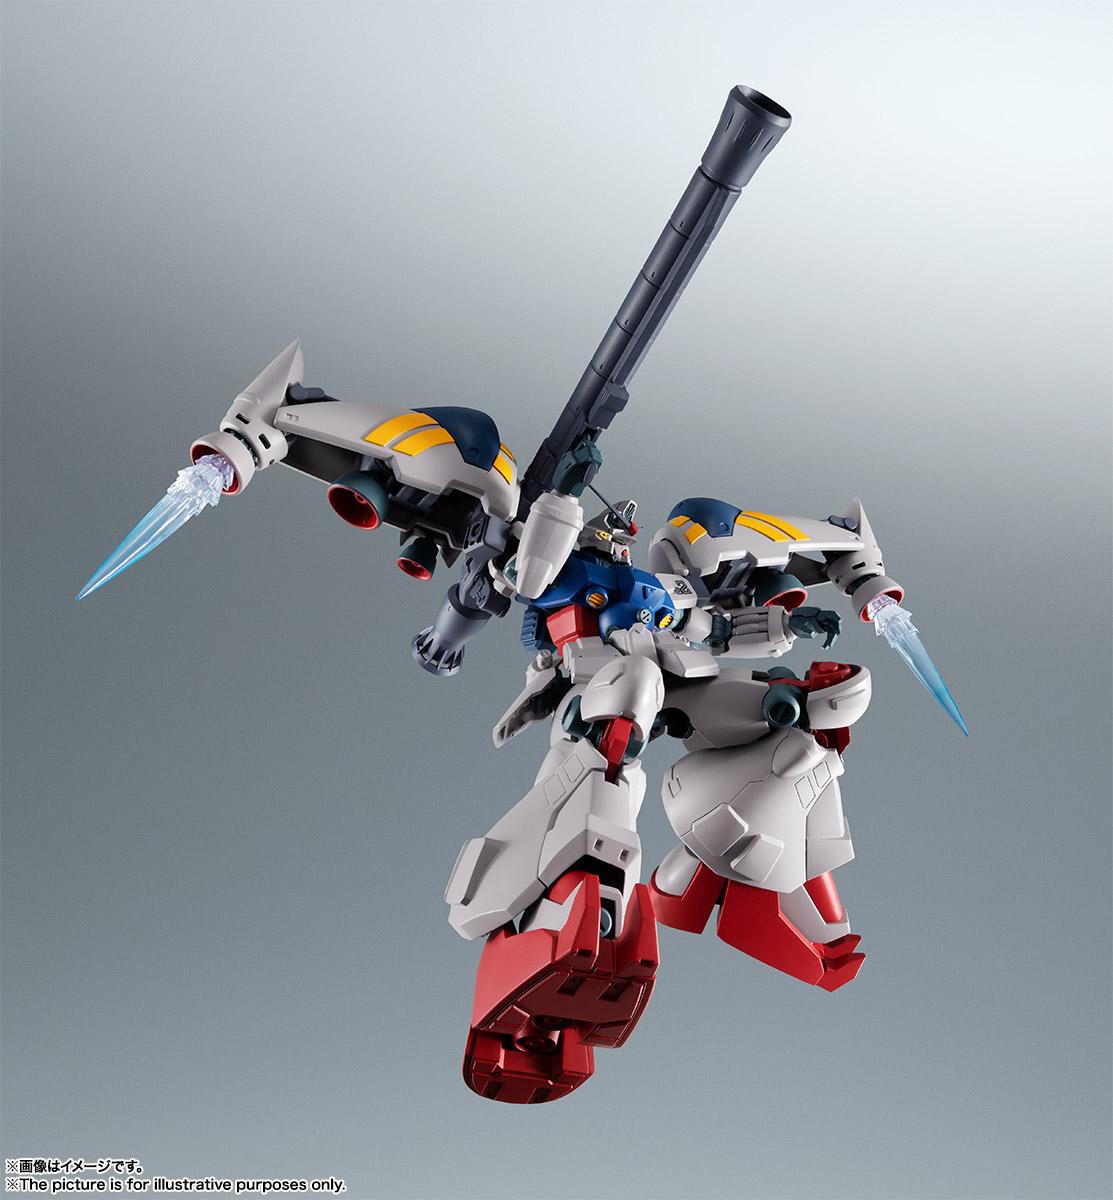 【再販】ROBOT魂〈SIDE MS〉『RX-78GP02A ガンダム試作2号機 ver. A.N.I.M.E.』機動戦士ガンダム0083 可動フィギュア-007